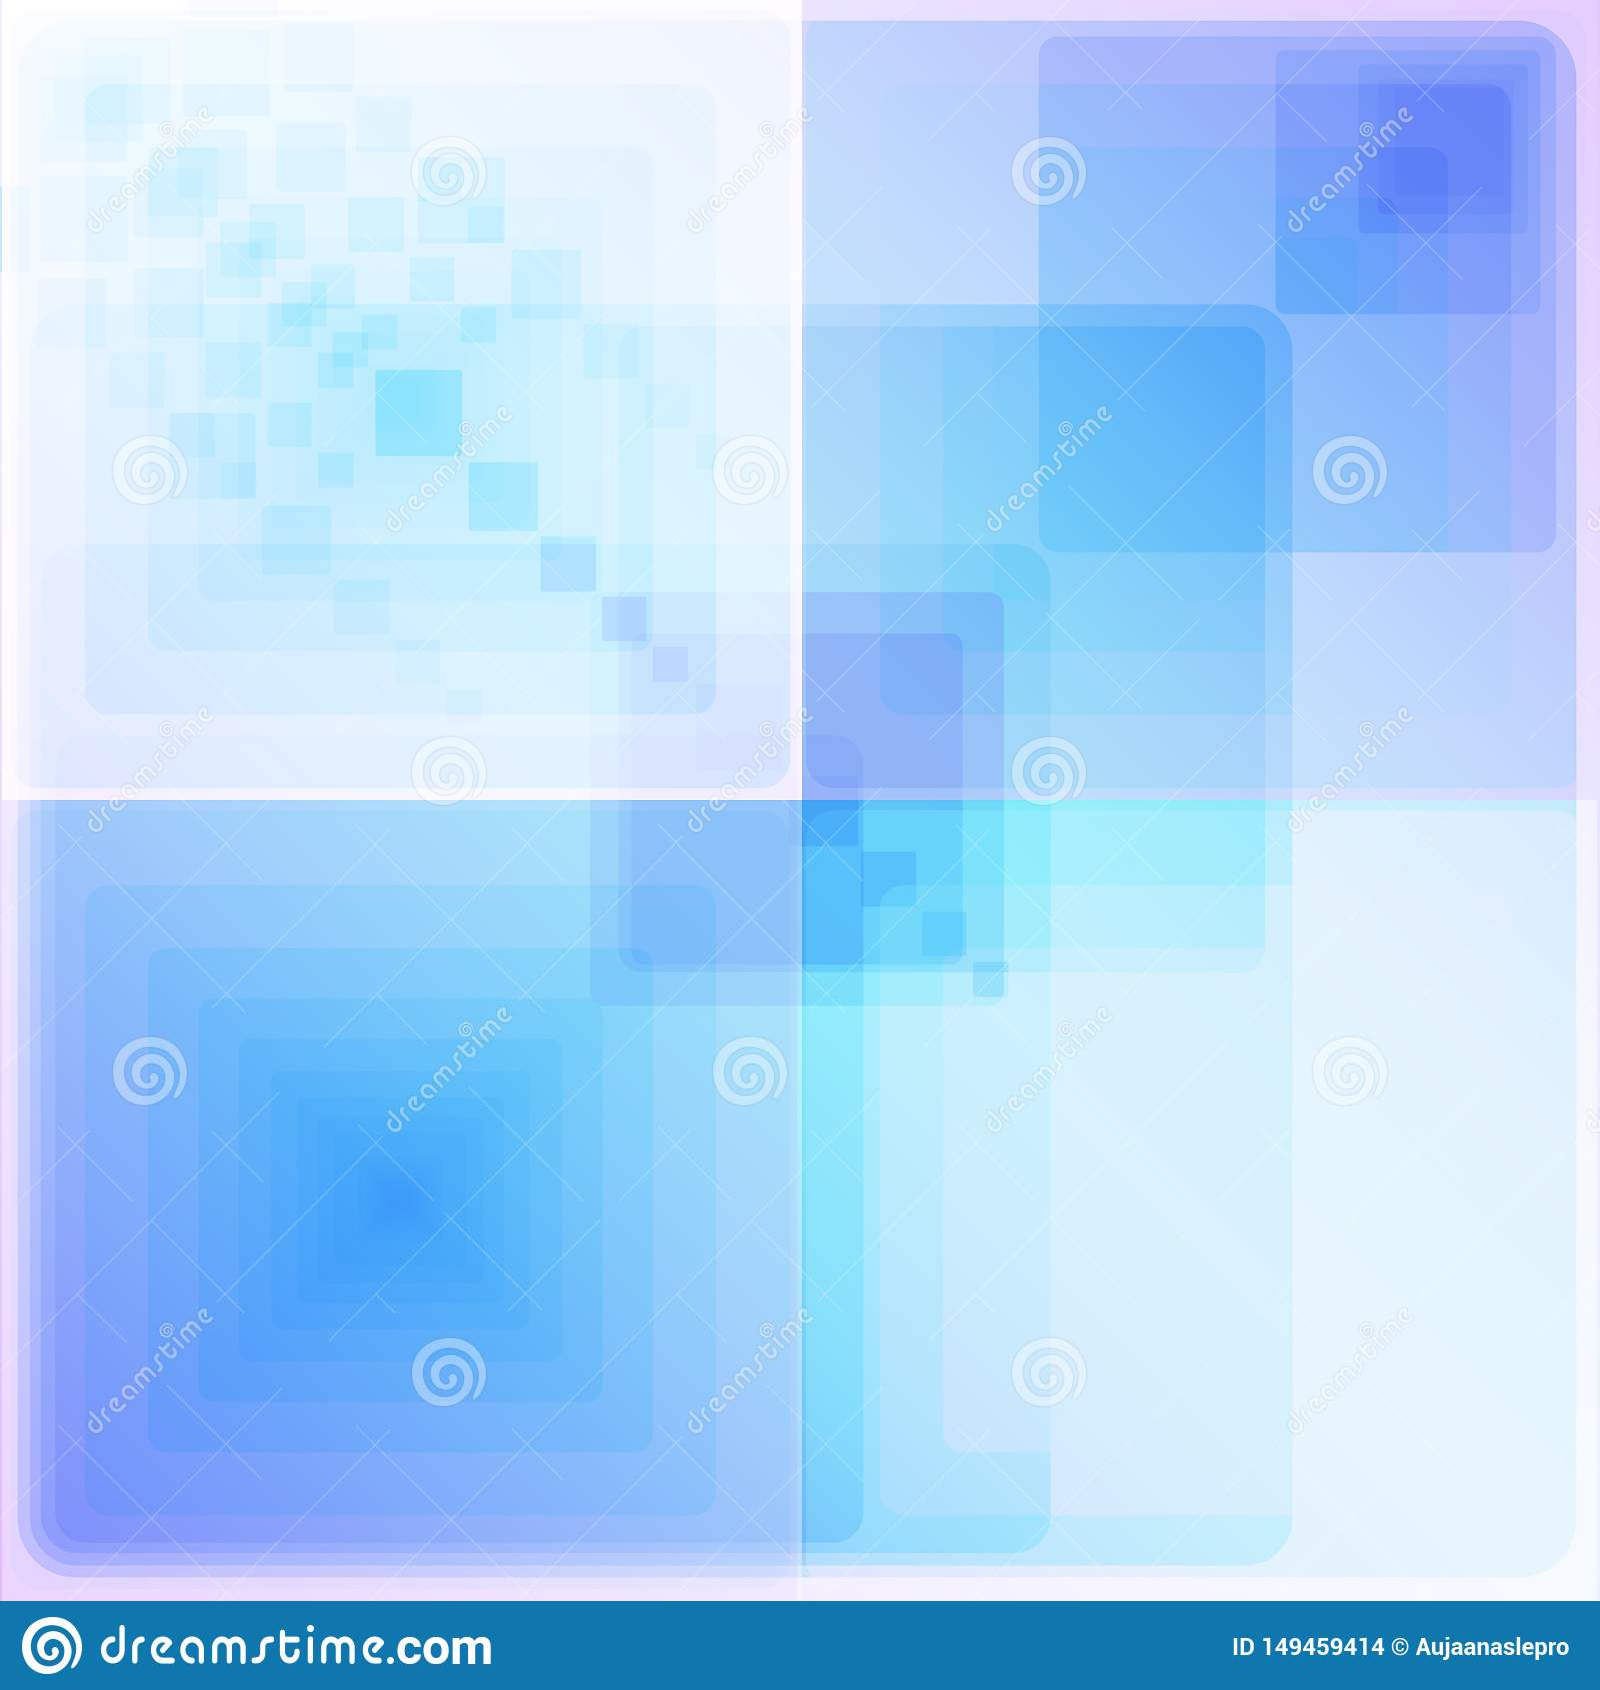 Cuatro modelos geométricos blancos y azules brillantes